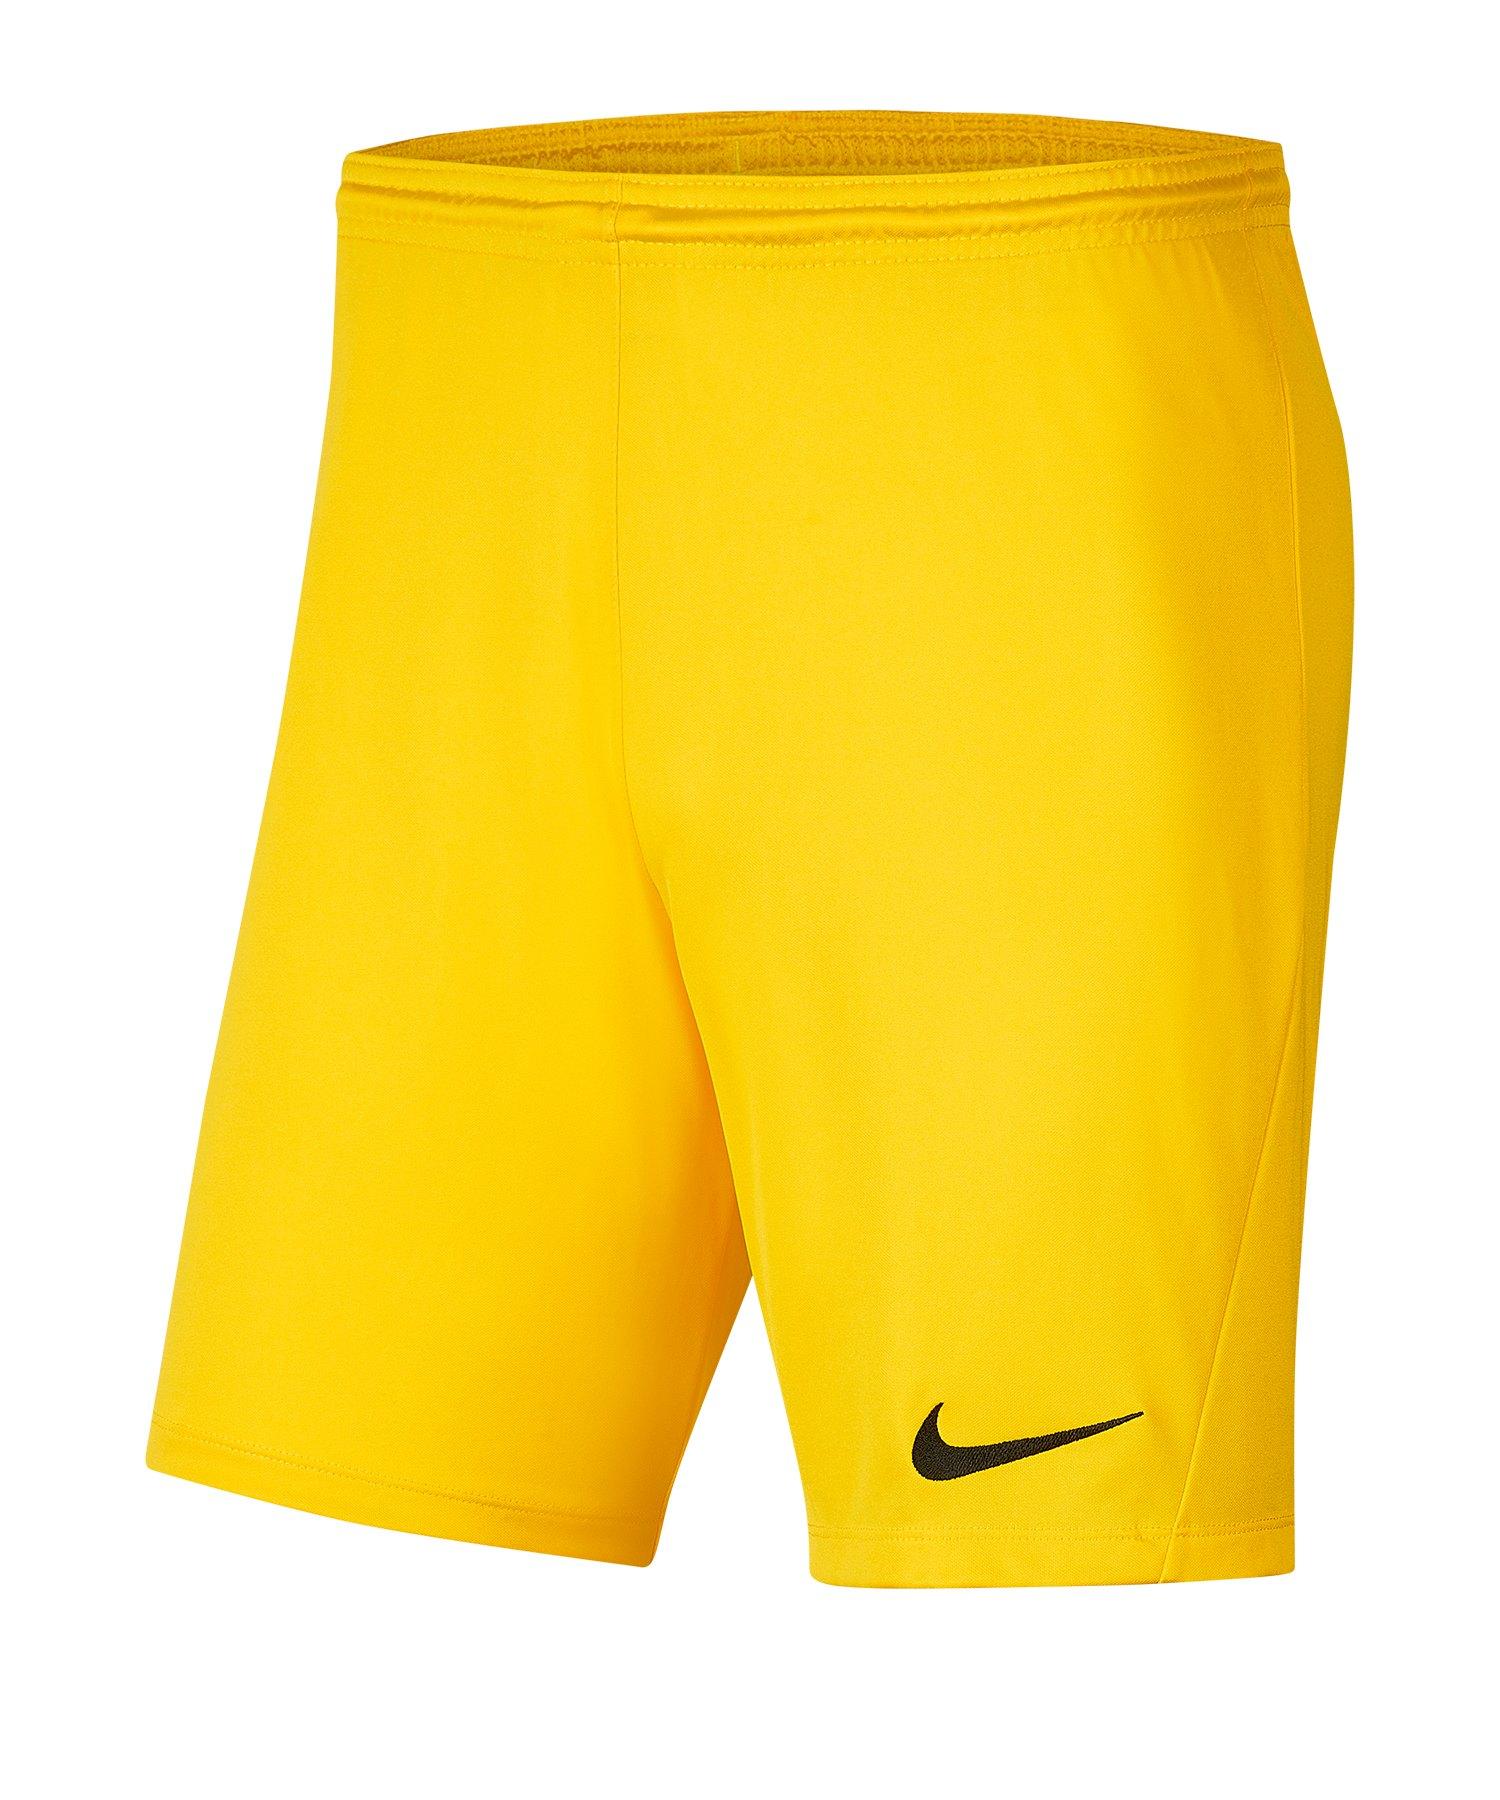 Nike Park III Short Kids Gelb F719 - gelb